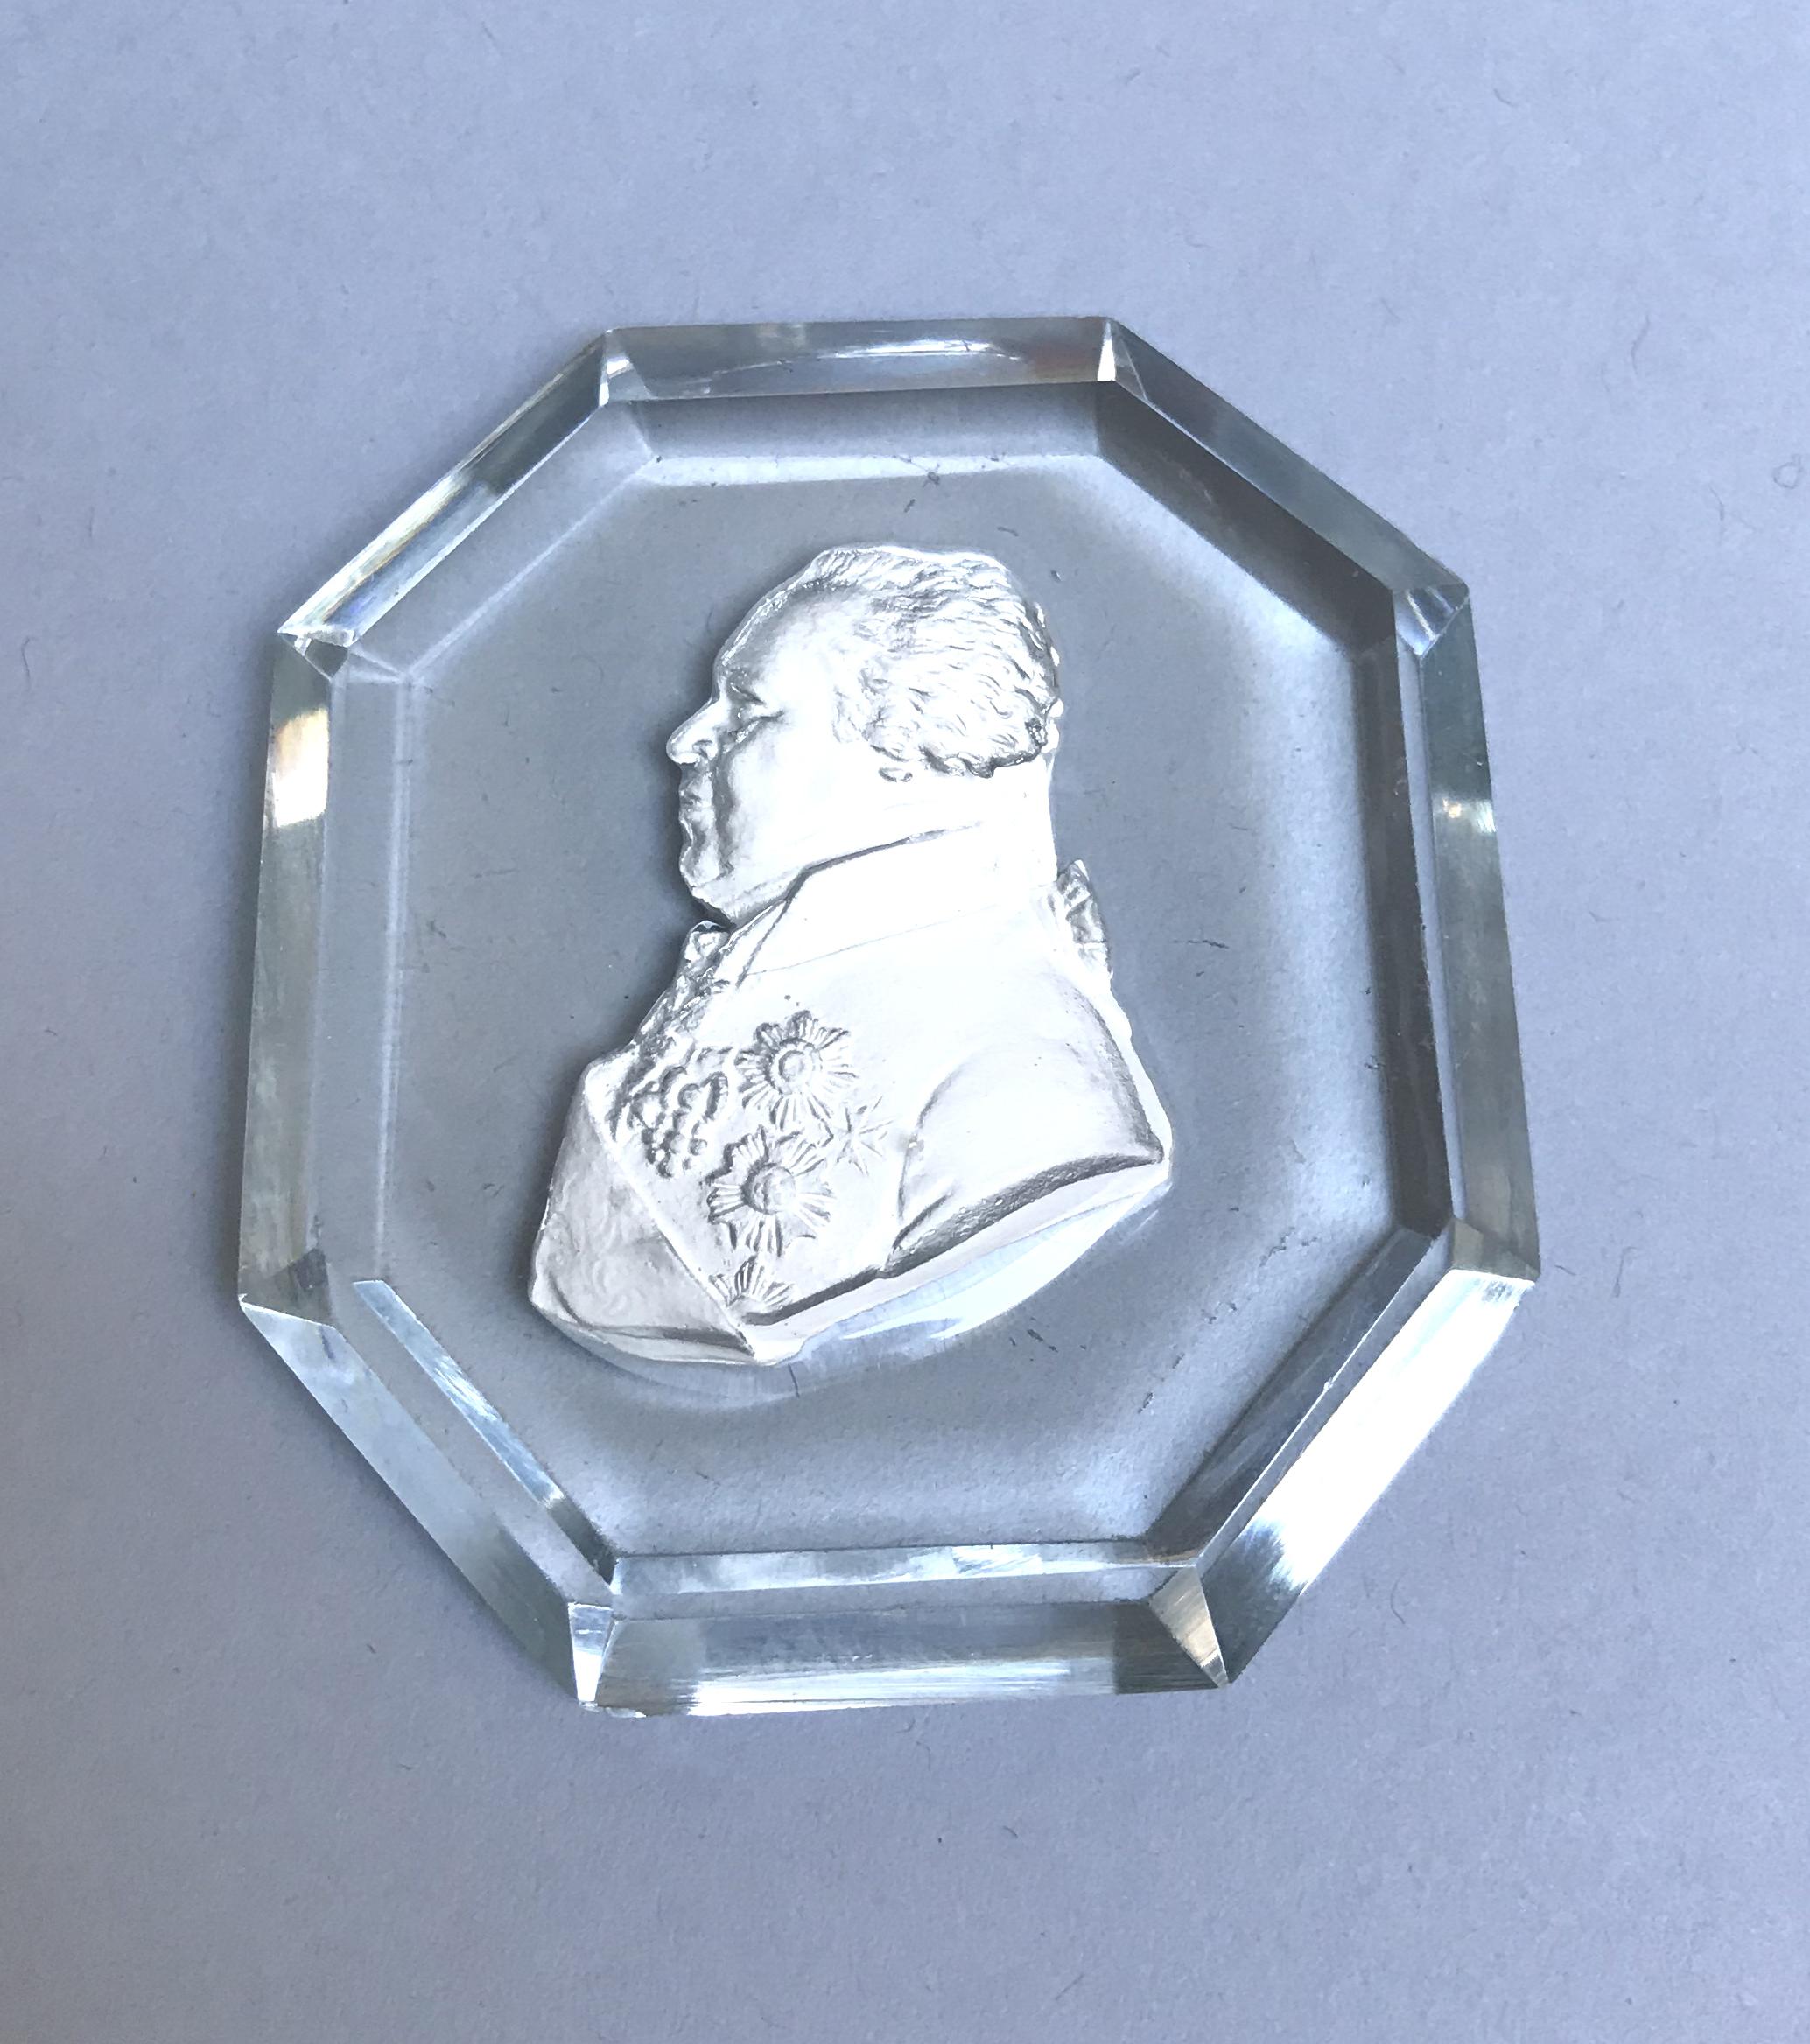 b1275b10d8 Catalogue de la vente Tableaux et Sculptures modernes - Céramiques ...